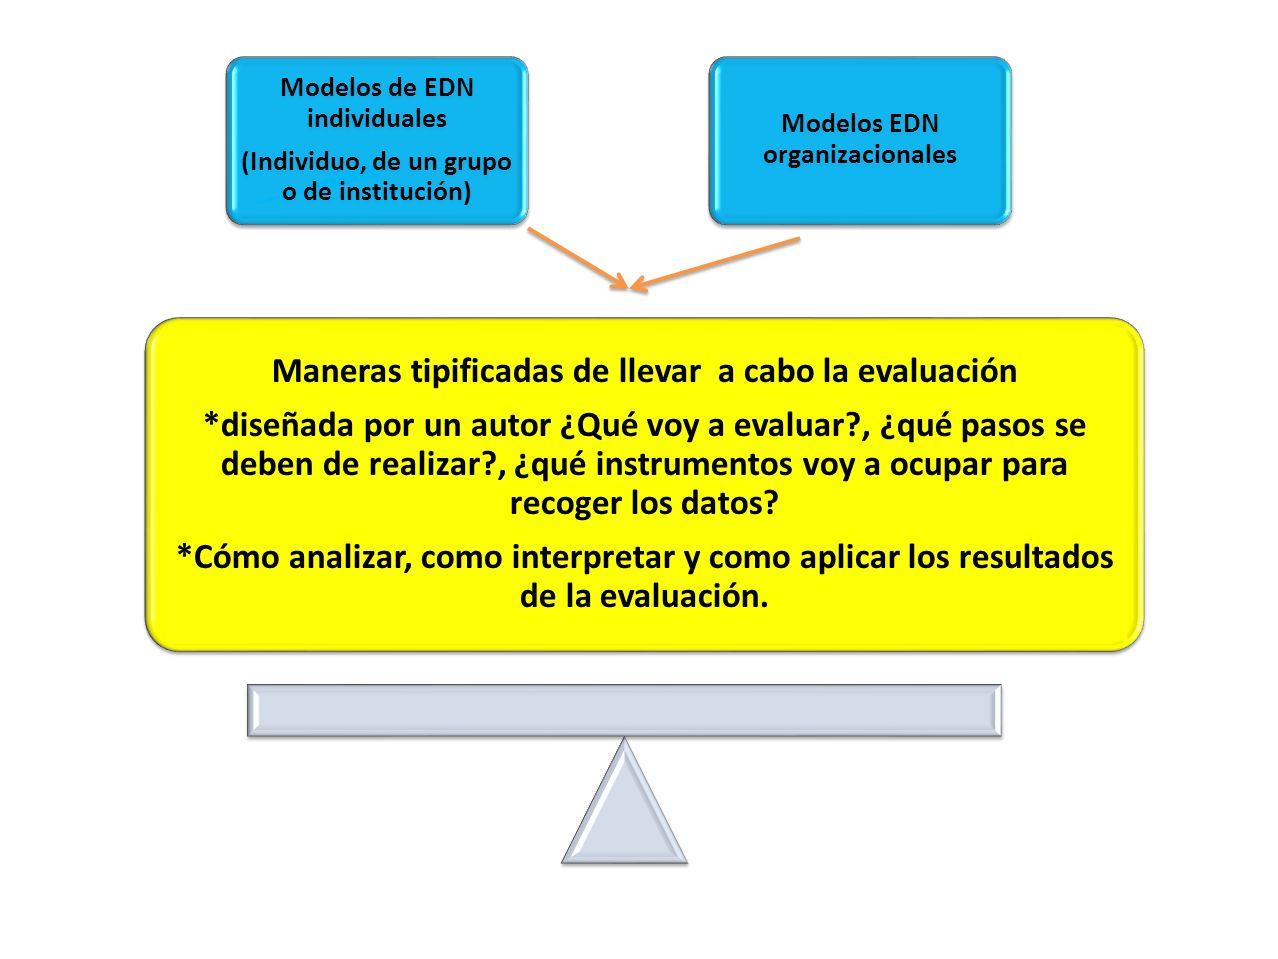 Modelos de EDN individuales (Individuo, de un grupo o de institución) Modelos EDN organizacionales Maneras tipificadas de llevar a cabo la evaluación *diseñada por un autor ¿Qué voy a evaluar?, ¿qué pasos se deben de realizar?, ¿qué instrumentos voy a ocupar para recoger los datos.